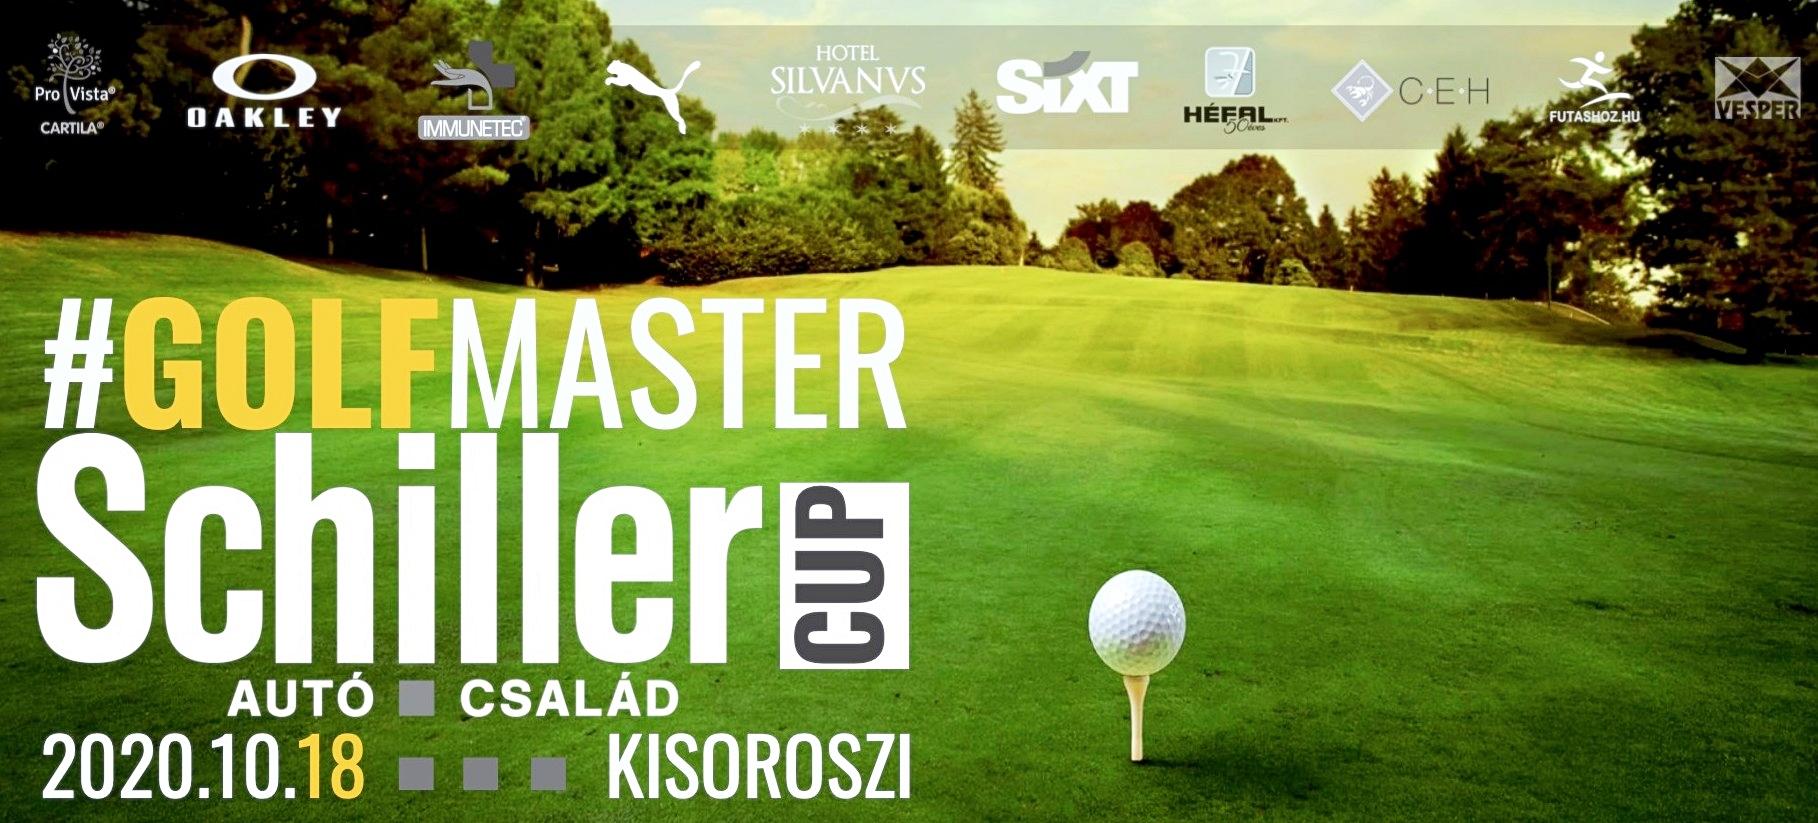 GolfMaster Cup 2020 Kisoroszi cartila gelenk nahrung támogatás